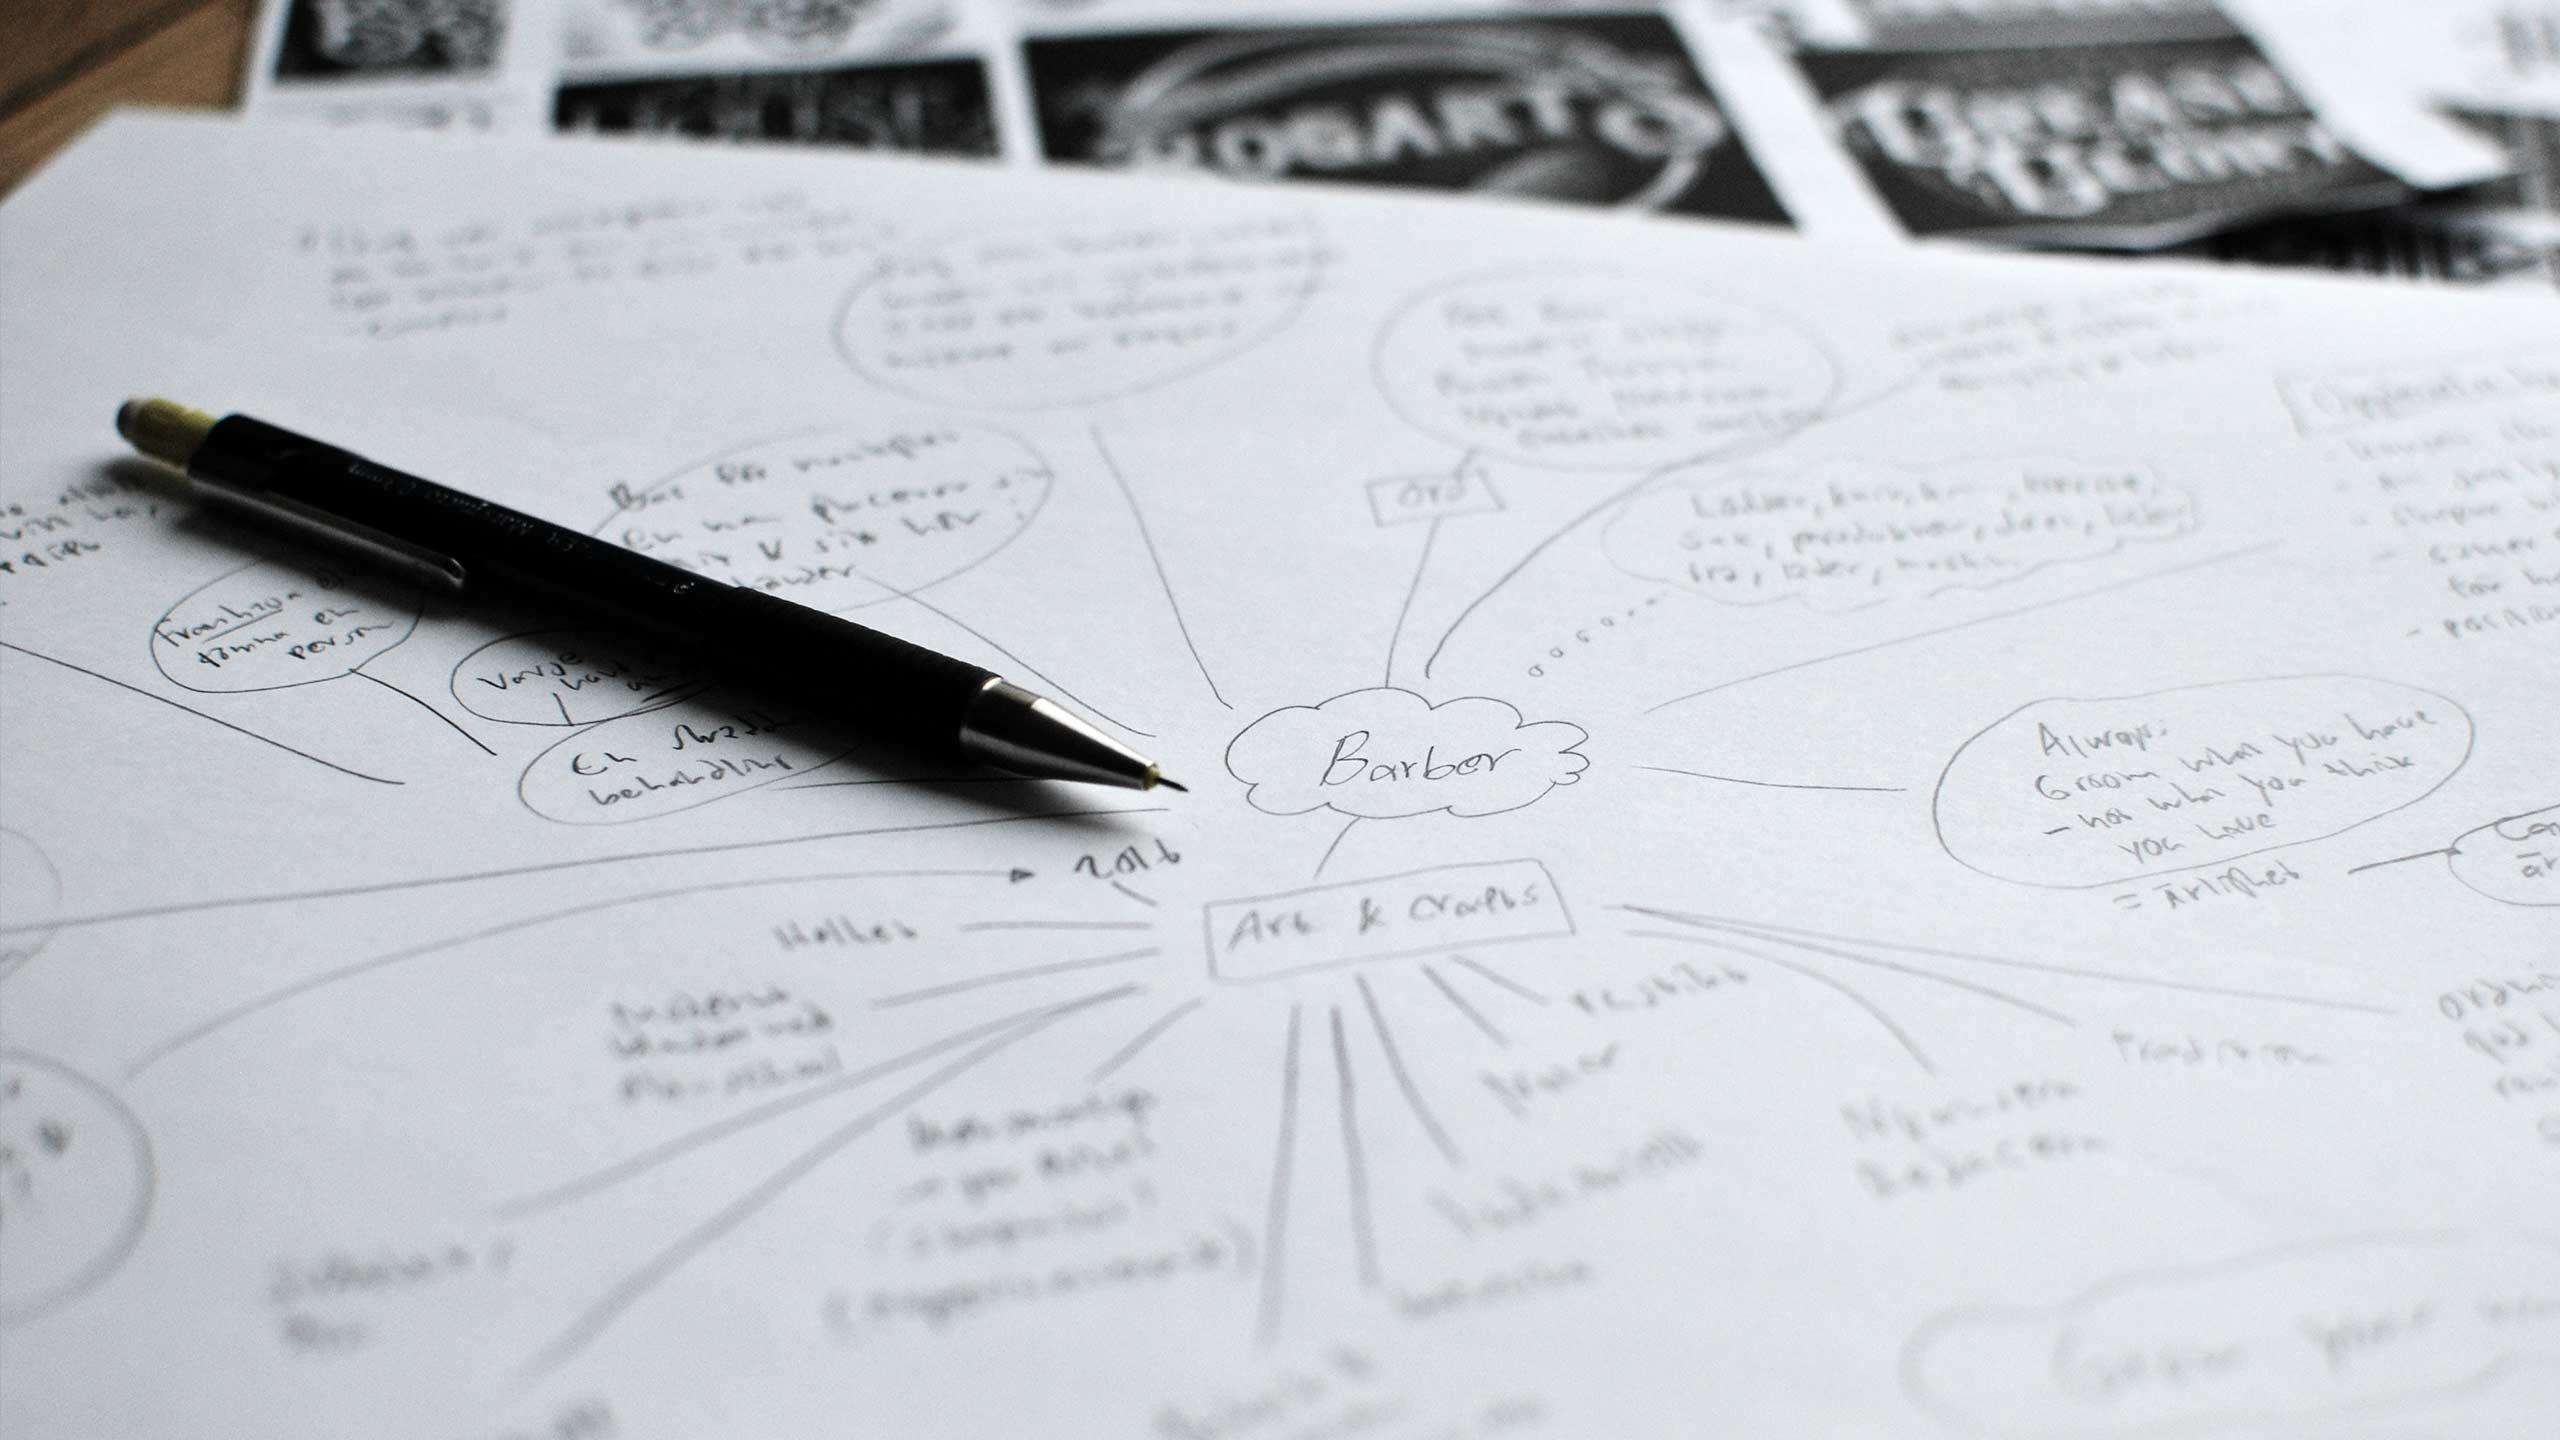 Mind map for Barber Art & Crafts